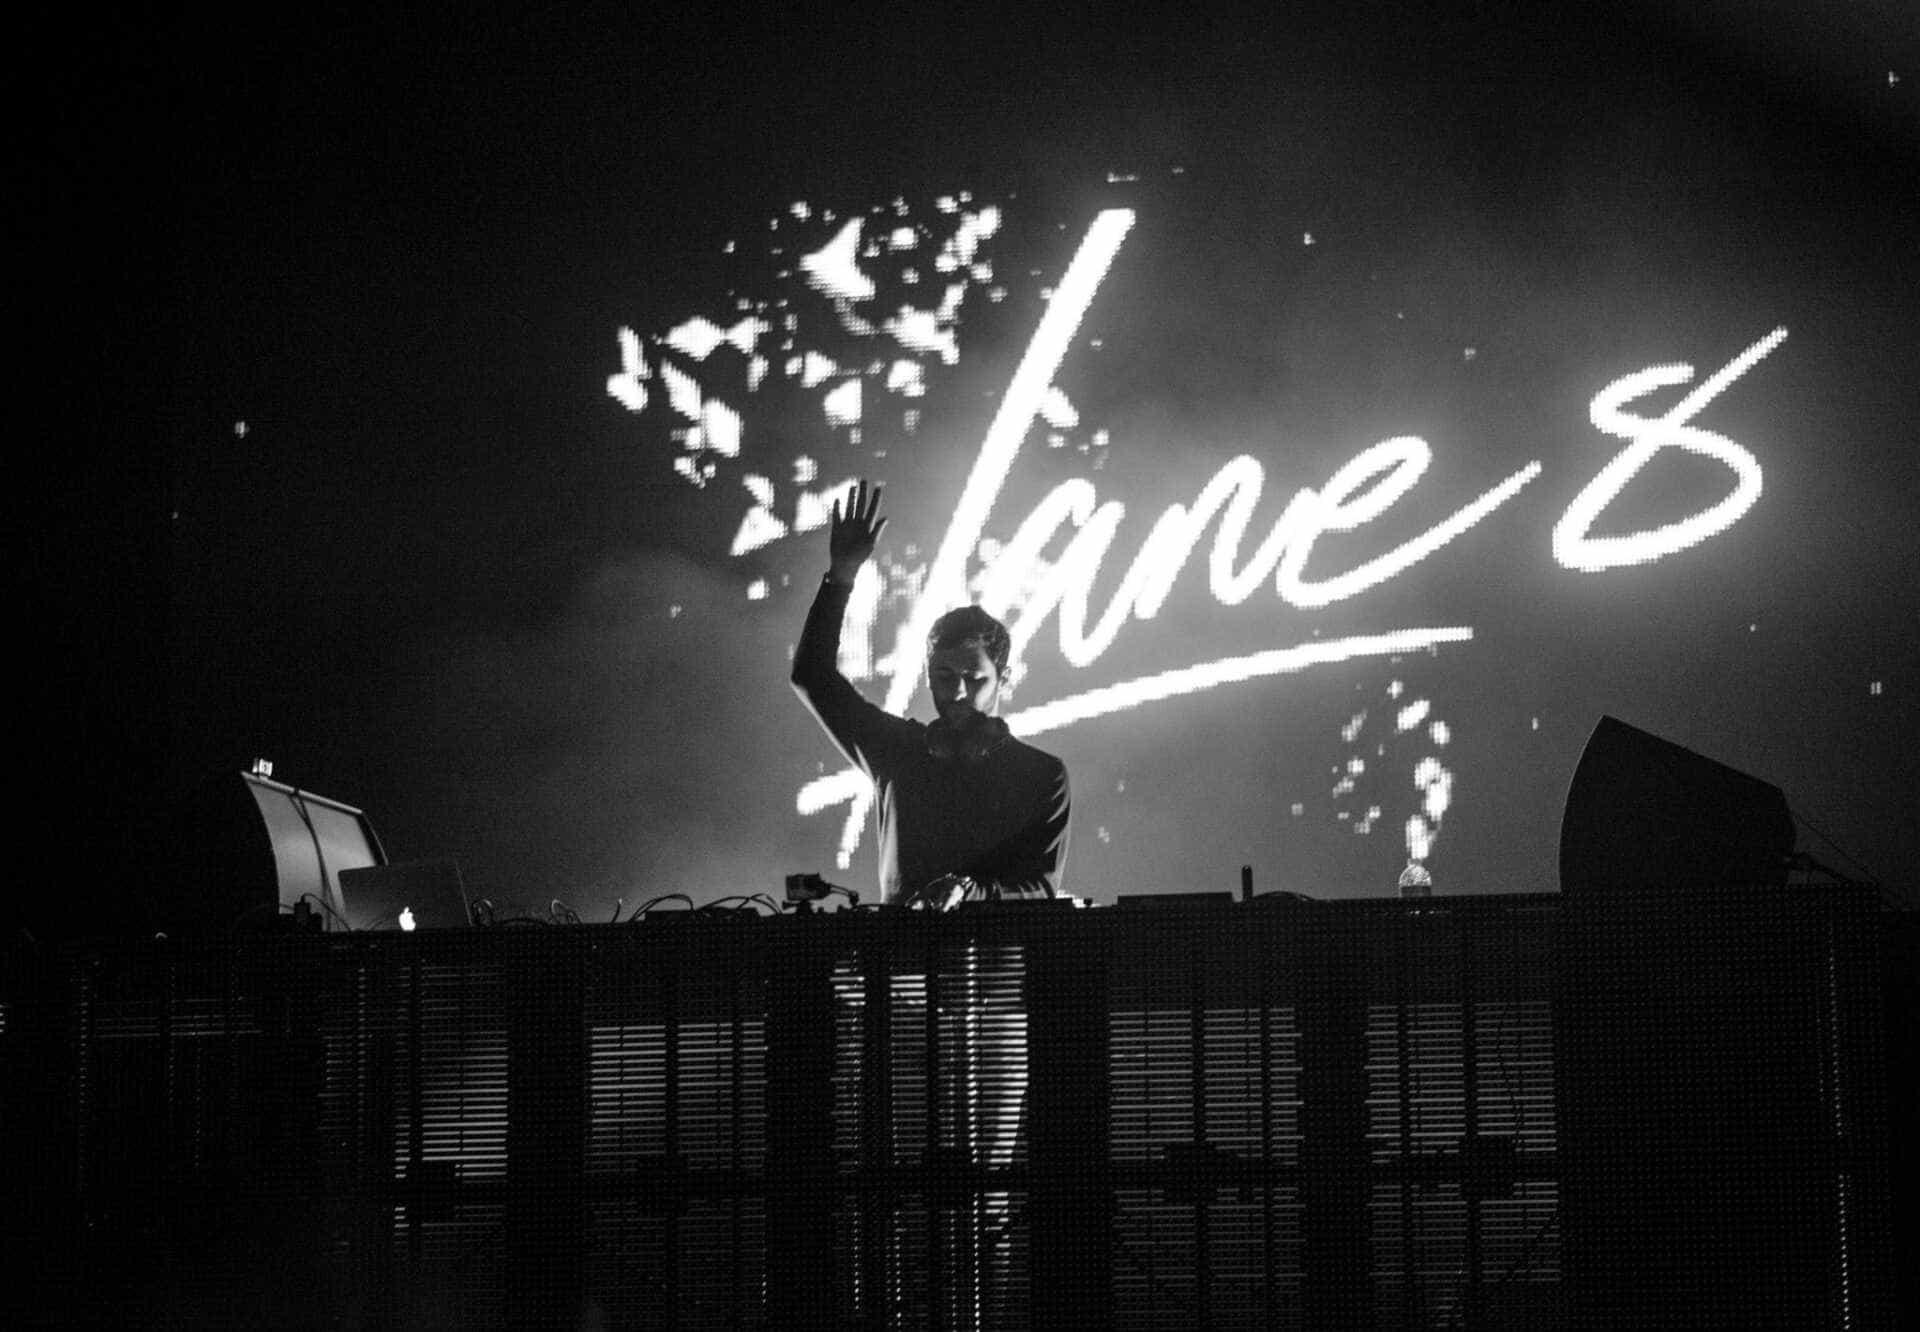 Electronic music producer Lane 8